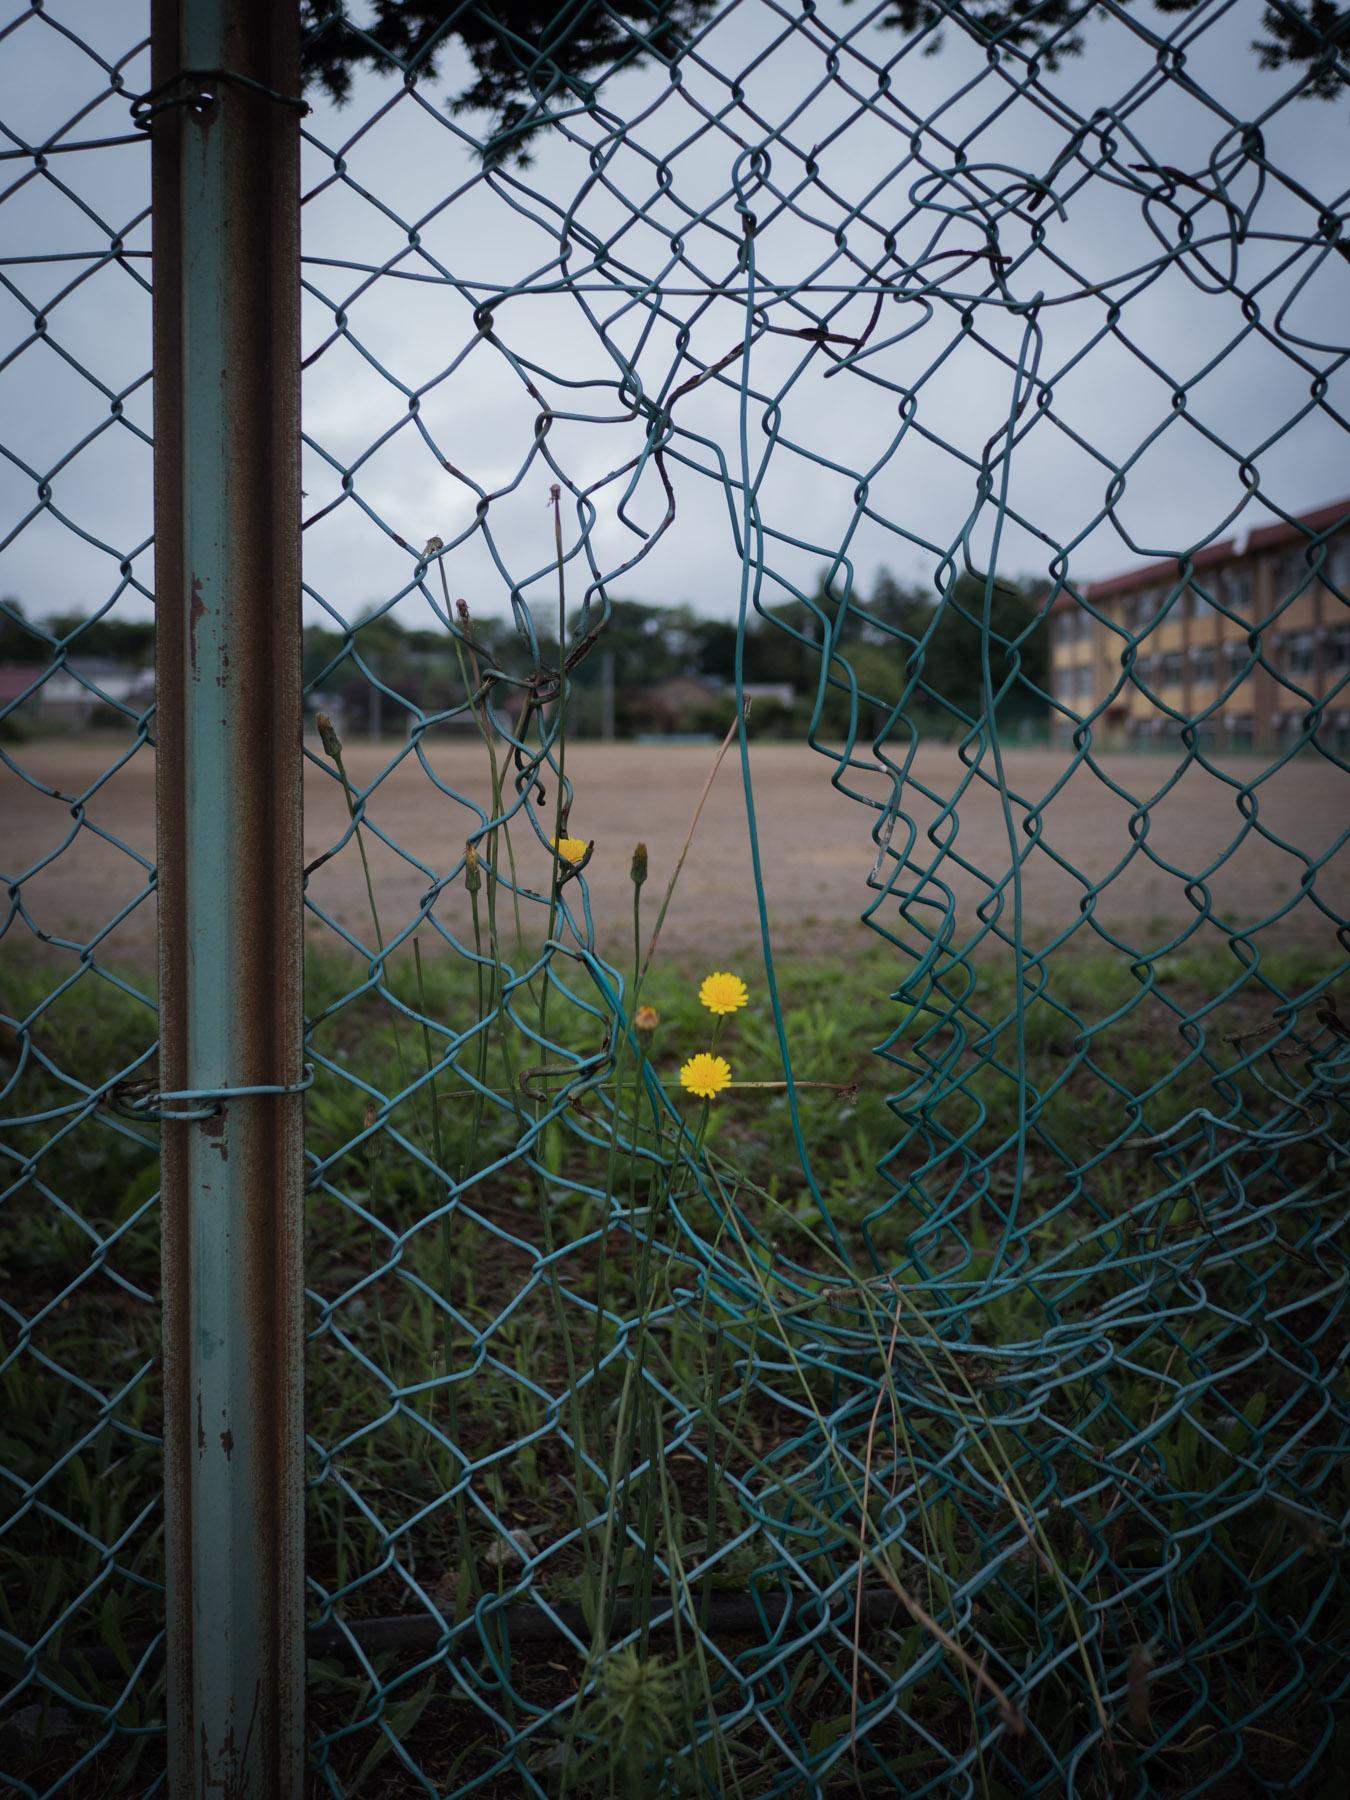 赤川中学校の金網フェンスと小さな黄色い花